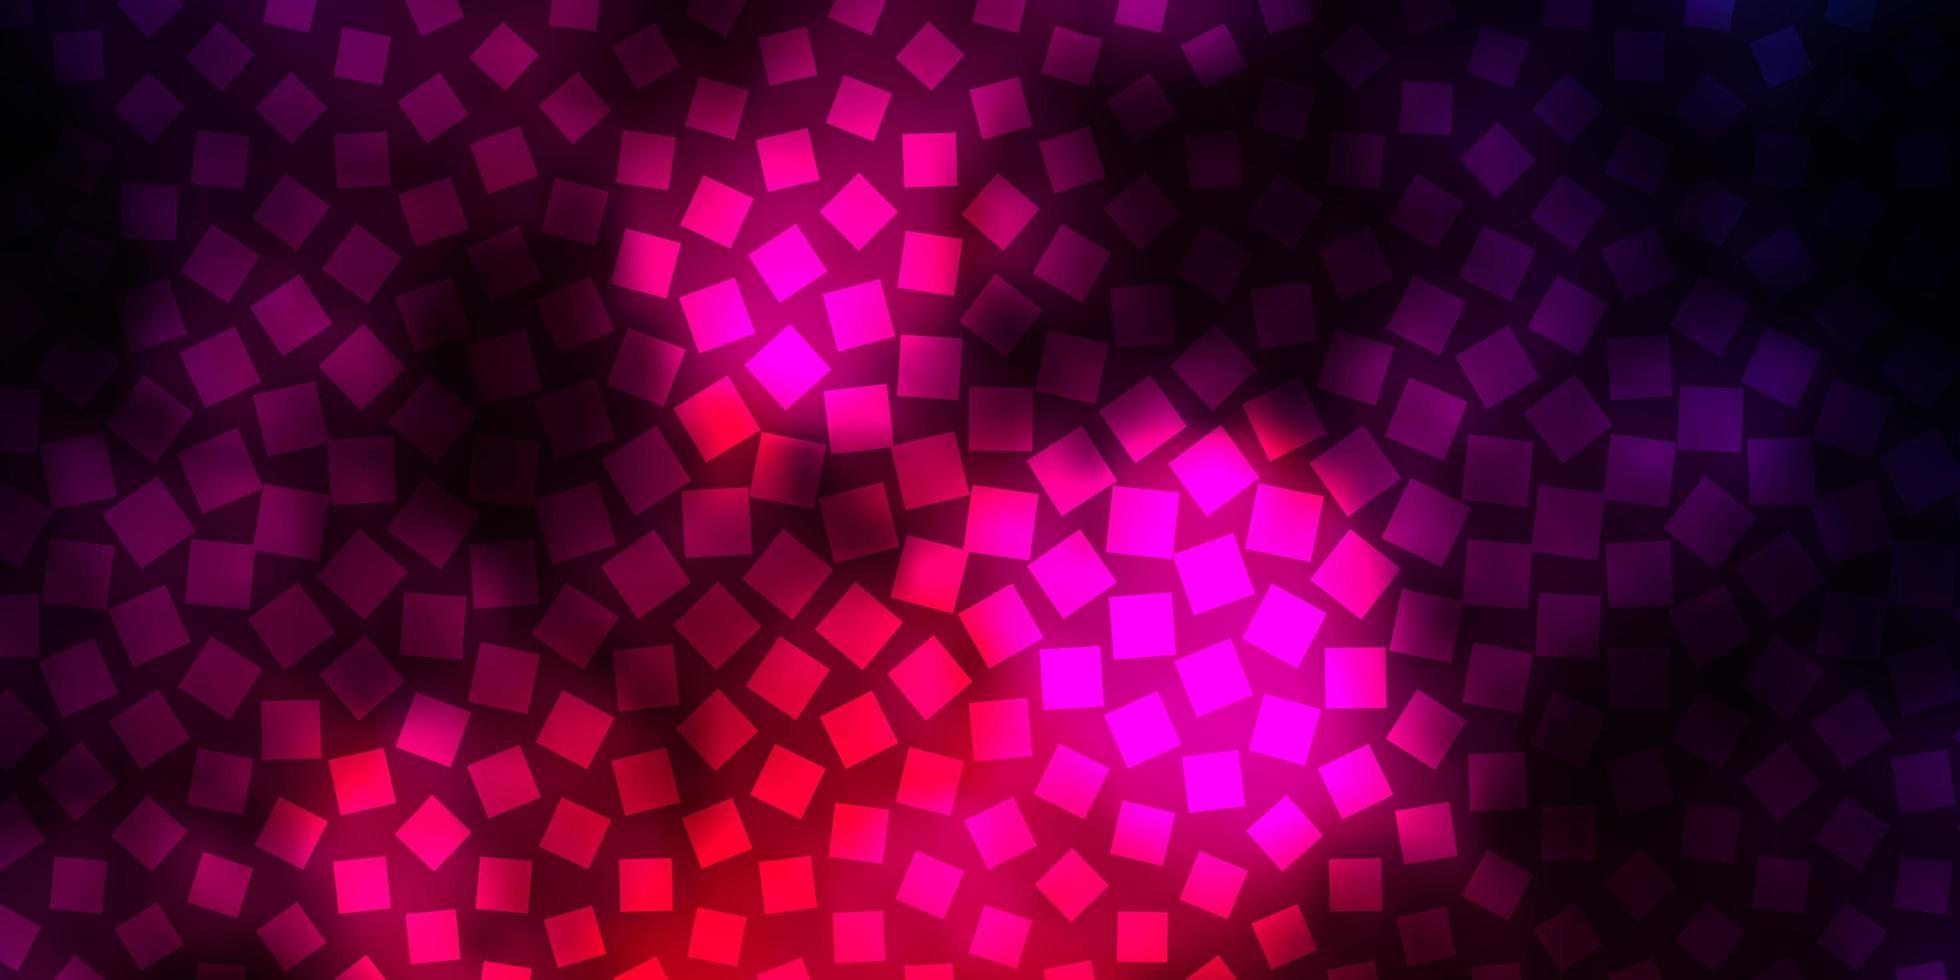 fond de vecteur violet foncé dans un style polygonal.